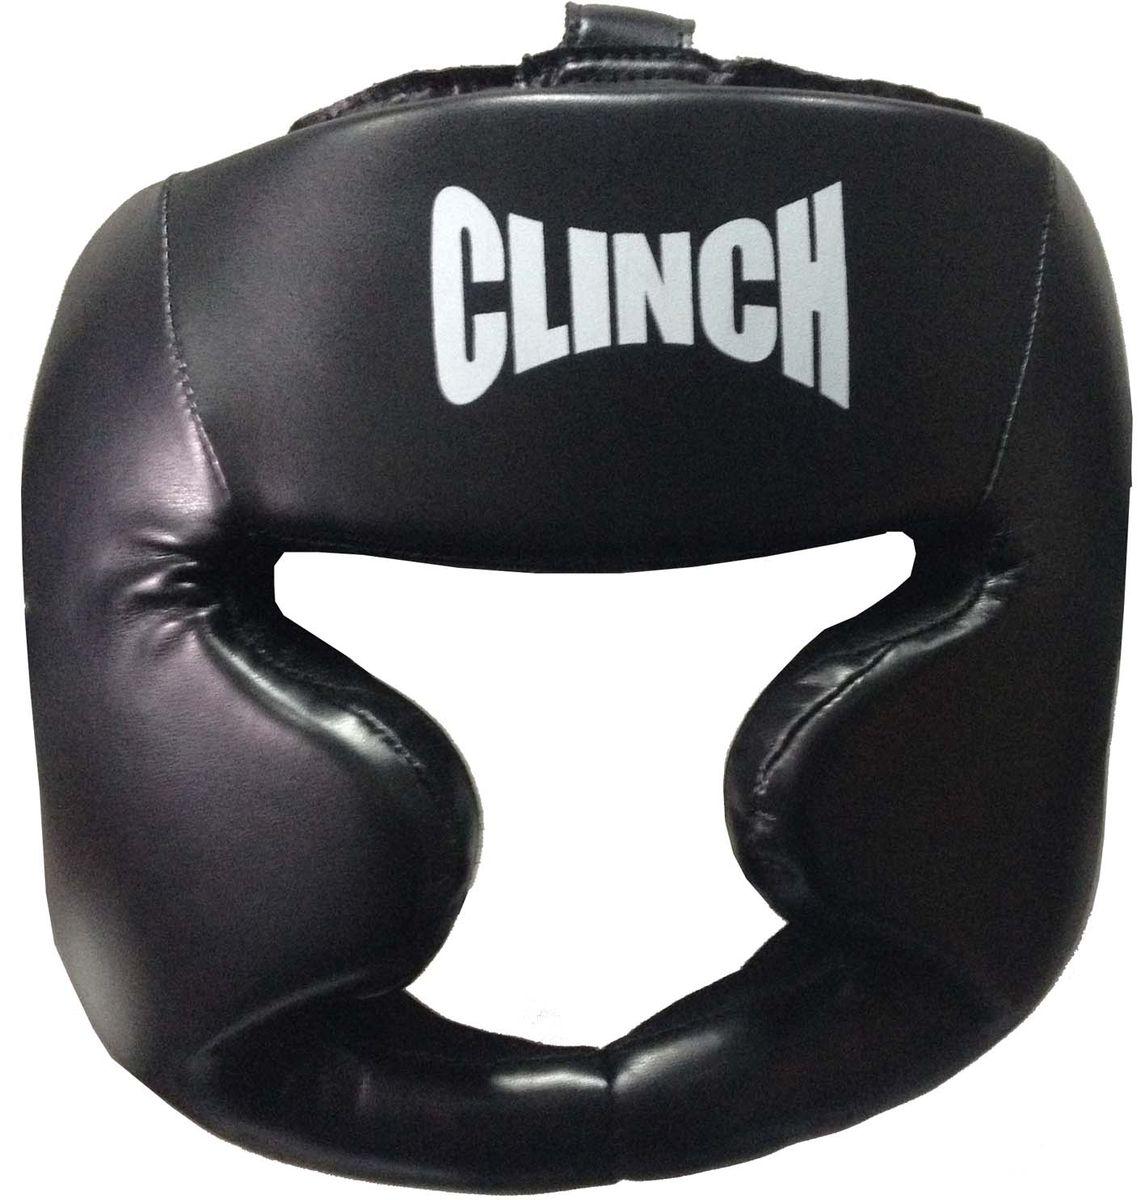 Шлем боксерский Clinch Full Face, цвет: черный. Размер L/XLC199Тренировочный шлем Clinch Full Face предназначен для занятий боксом и единоборствами. Изготовлен из японского флексополиуретана Pu Flex Leather. Оснащен удобной подкладкой из мягкого инновационного материала. Полная защита щек и подбородка, усиленная защита области ушей. Фиксацию обеспечивает застежка на двойной липучке на затылке. Верх головы регулируется при помощи липучки.